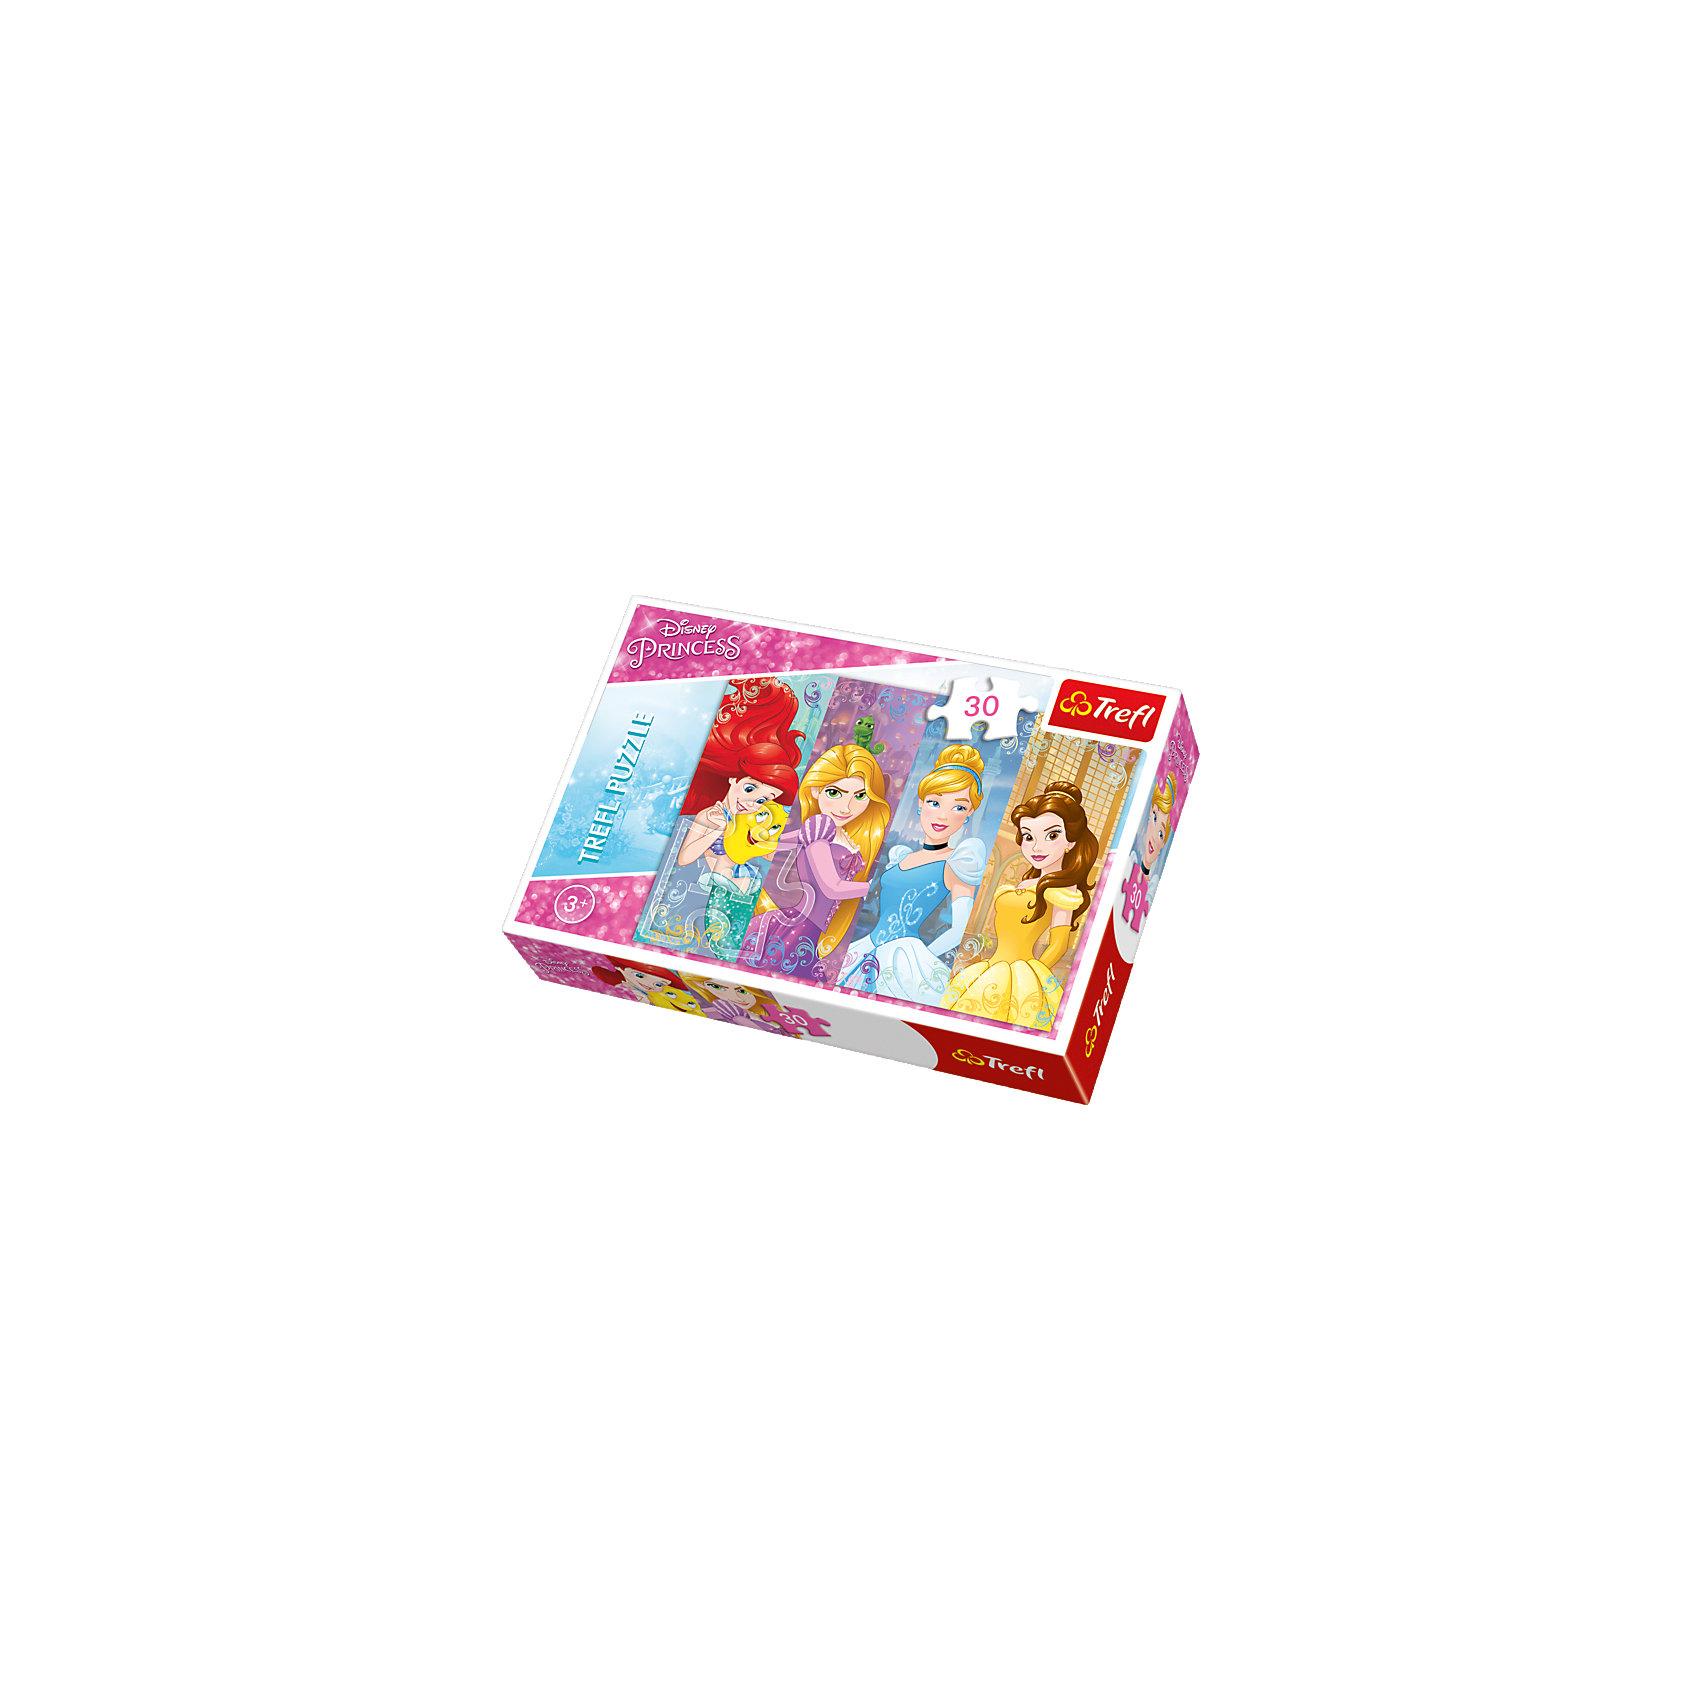 Пазл Сказочные принцессы, 30 деталей, TreflПринцессы Дисней<br>Характеристики товара:<br><br>• возраст от 5 лет;<br>• материал: картон;<br>• в комплекте: 30 элементов;<br>• размер пазла 20х27 см;<br>• размер упаковки 21х15х4 см;<br>• вес упаковки 195 гр.;<br>• страна производитель: Польша.<br><br>Пазл «Сказочные принцессы» Trefl — пазл с изображениями 4 принцесс Дисней: Русалочки Ариэль, Рапунцель, Золушки и Бэлль. Собирая пазл, у малышей развиваются воображение, фантазия, усидчивость, мышление. Все элементы выполнены из качественных безопасных материалов с антибликовым покрытием.<br><br>Пазл «Сказочные принцессы» Trefl можно приобрести в нашем интернет-магазине.<br><br>Ширина мм: 215<br>Глубина мм: 144<br>Высота мм: 40<br>Вес г: 168<br>Возраст от месяцев: 48<br>Возраст до месяцев: 72<br>Пол: Женский<br>Возраст: Детский<br>Количество деталей: 30<br>SKU: 4635297